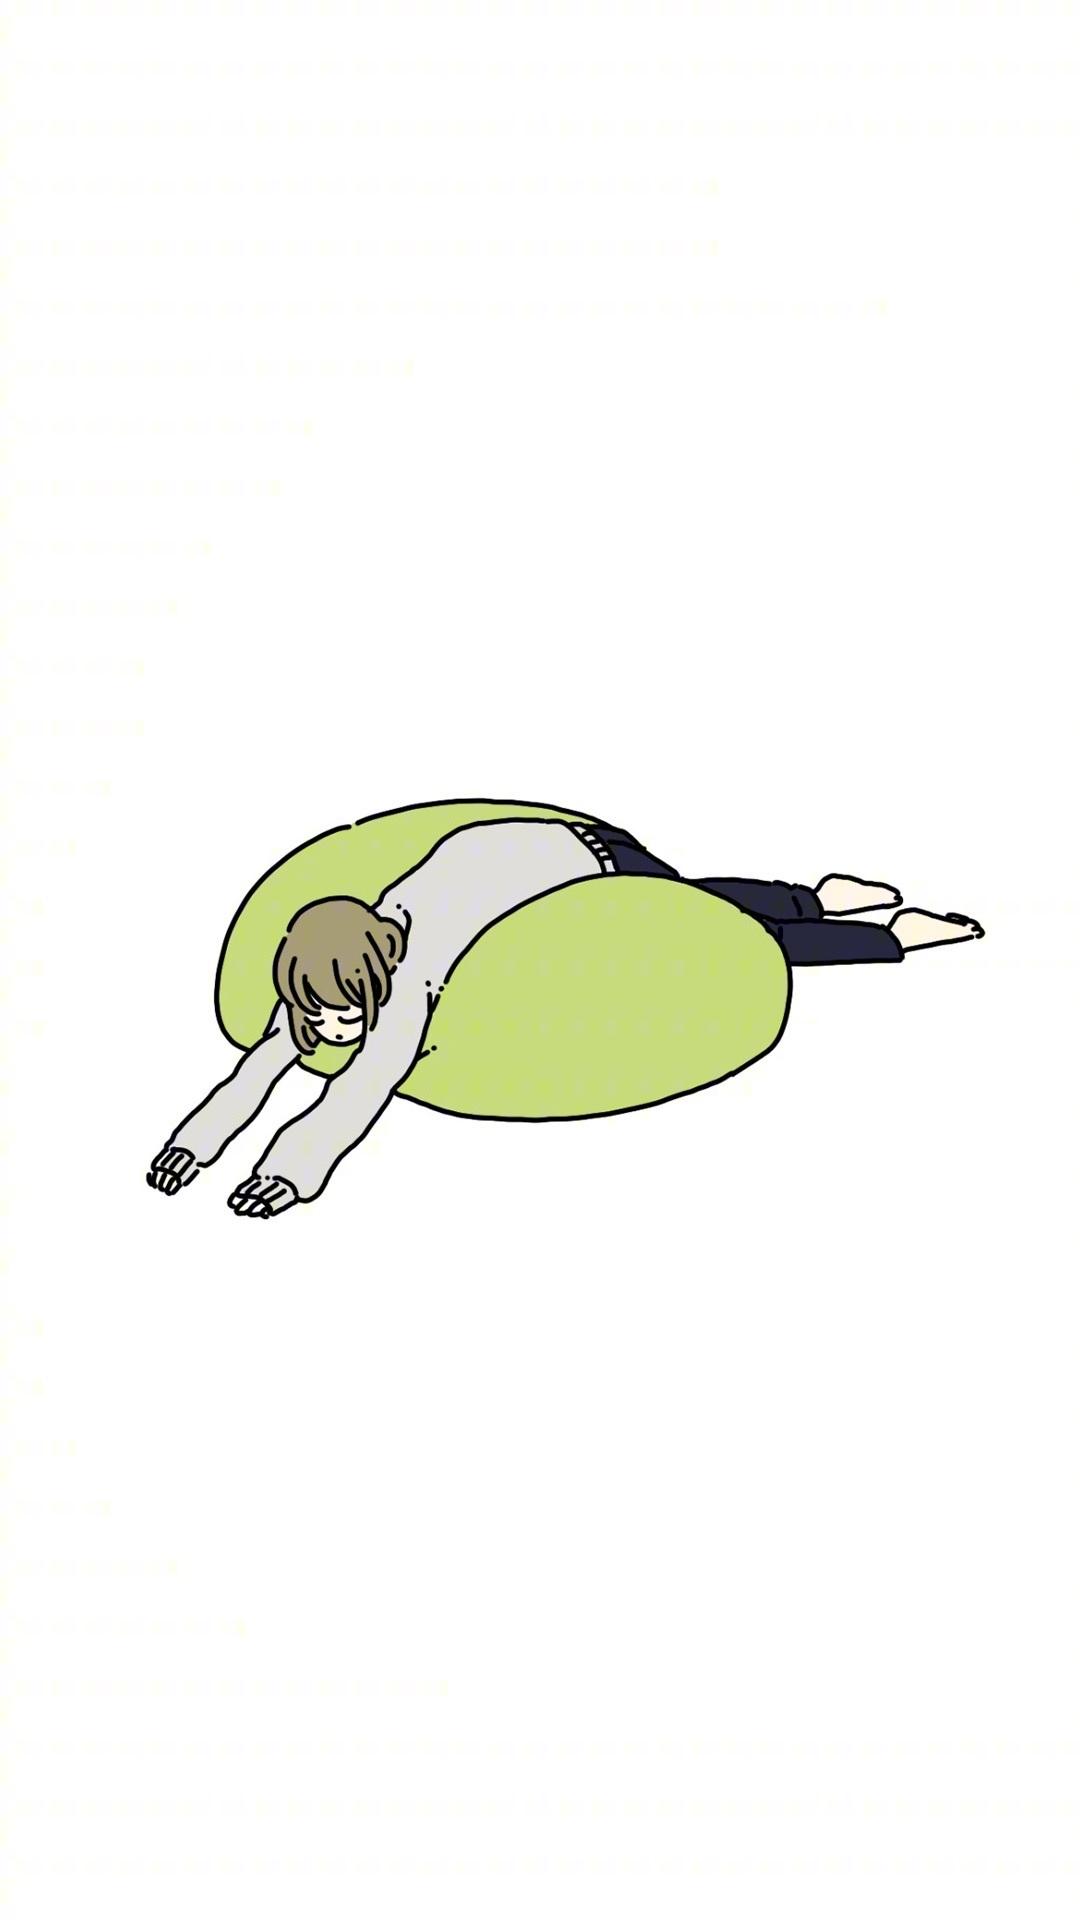 累趴 手绘 女孩 休闲 白色